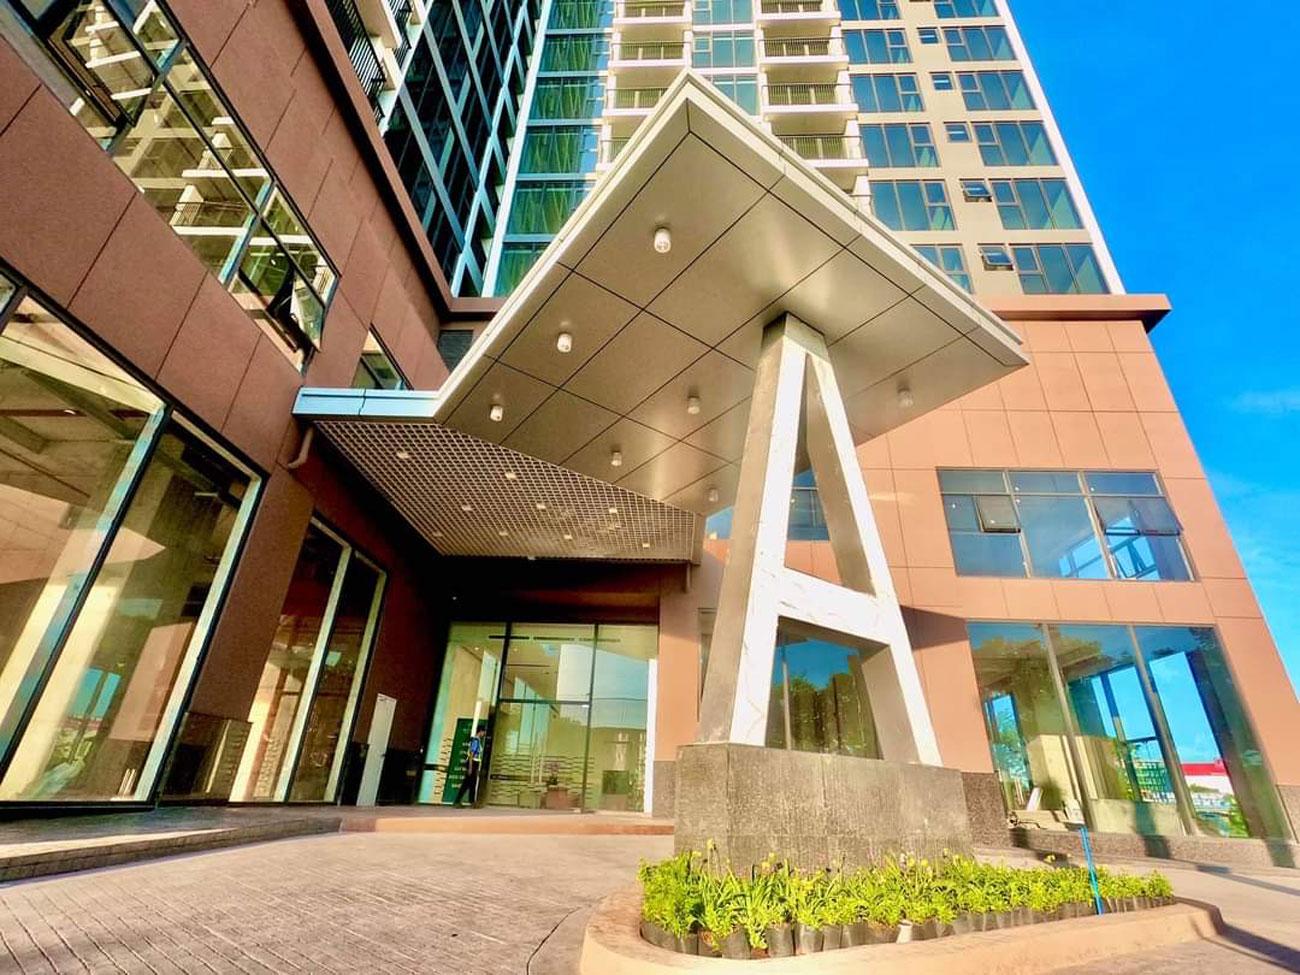 Hình thực tế Sảnh A dự án căn hộ chung cư Eco Green Sài Gòn Quận 7 tháng 09/2020